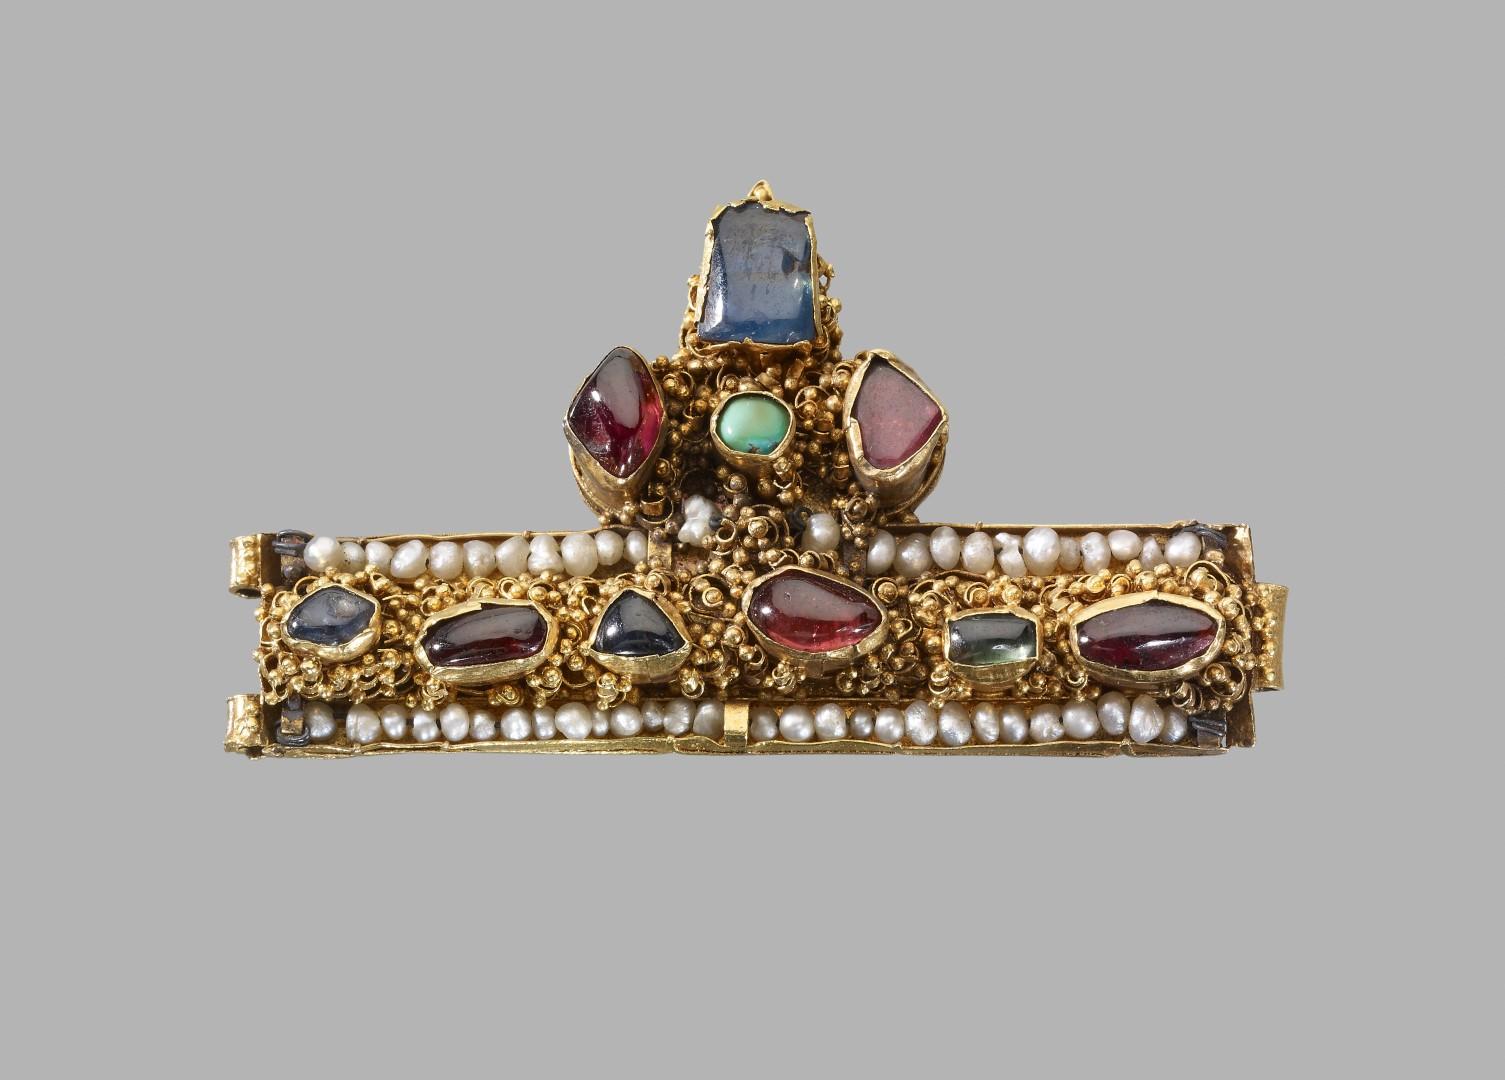 Fragmento de corona 1250-1300 Hungría o Francia.